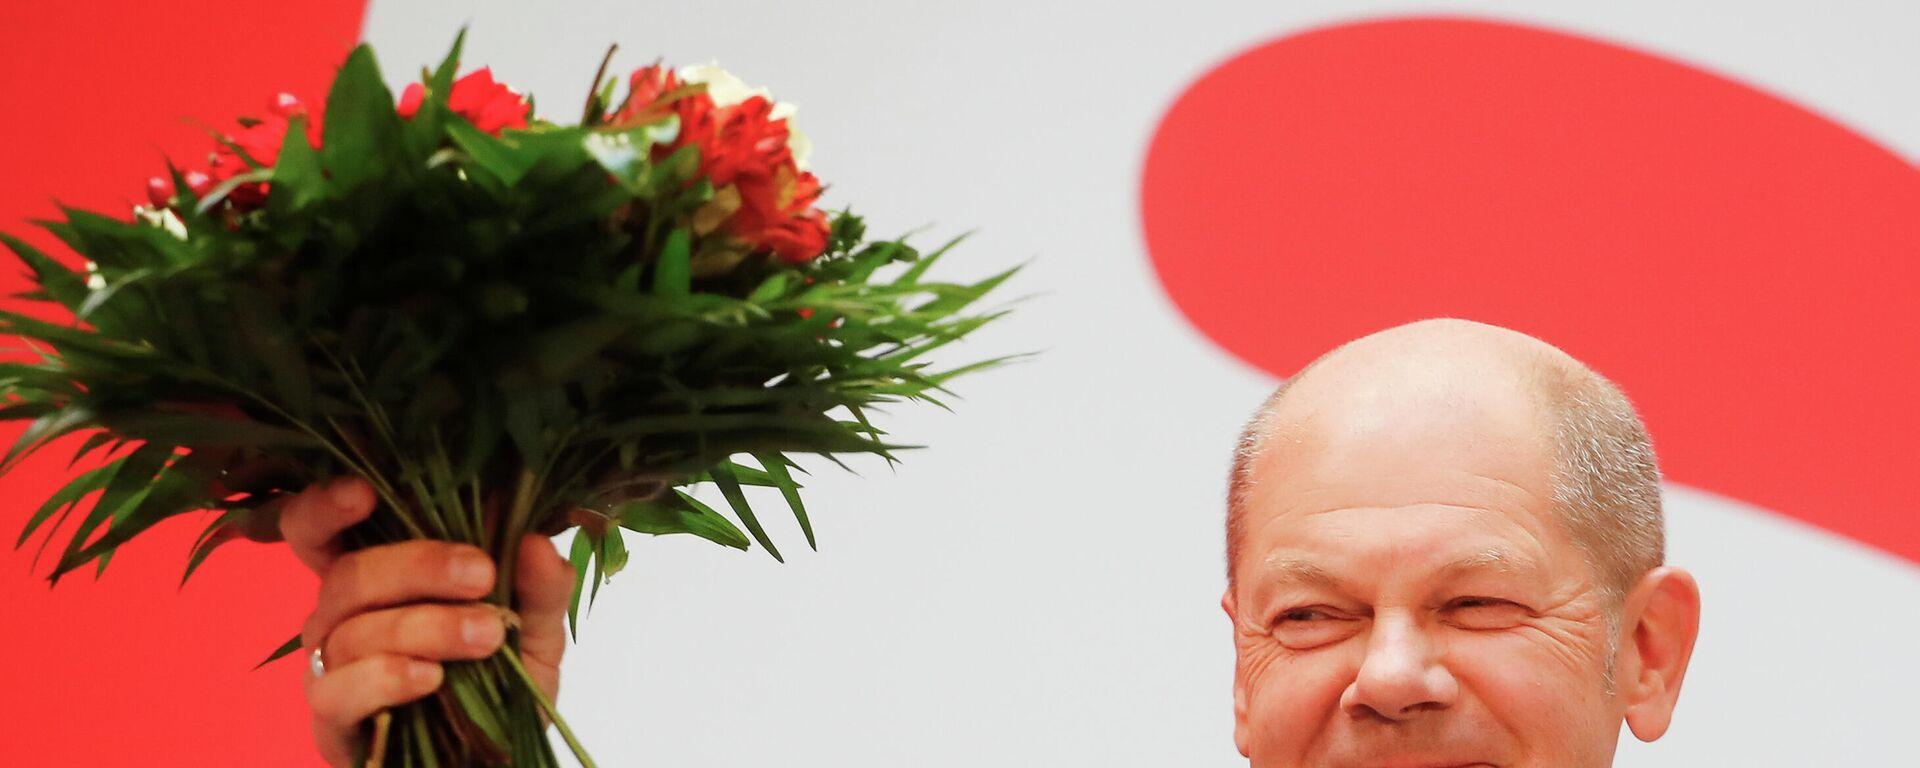 Almanya'da genel seçim ertesi Sosyal Demokrat Parti (SPD) merkezinde düzenlenen kutlamada başbakan adayı Olaf Scholz elinde çiçek buketiyle - Sputnik Türkiye, 1920, 27.09.2021